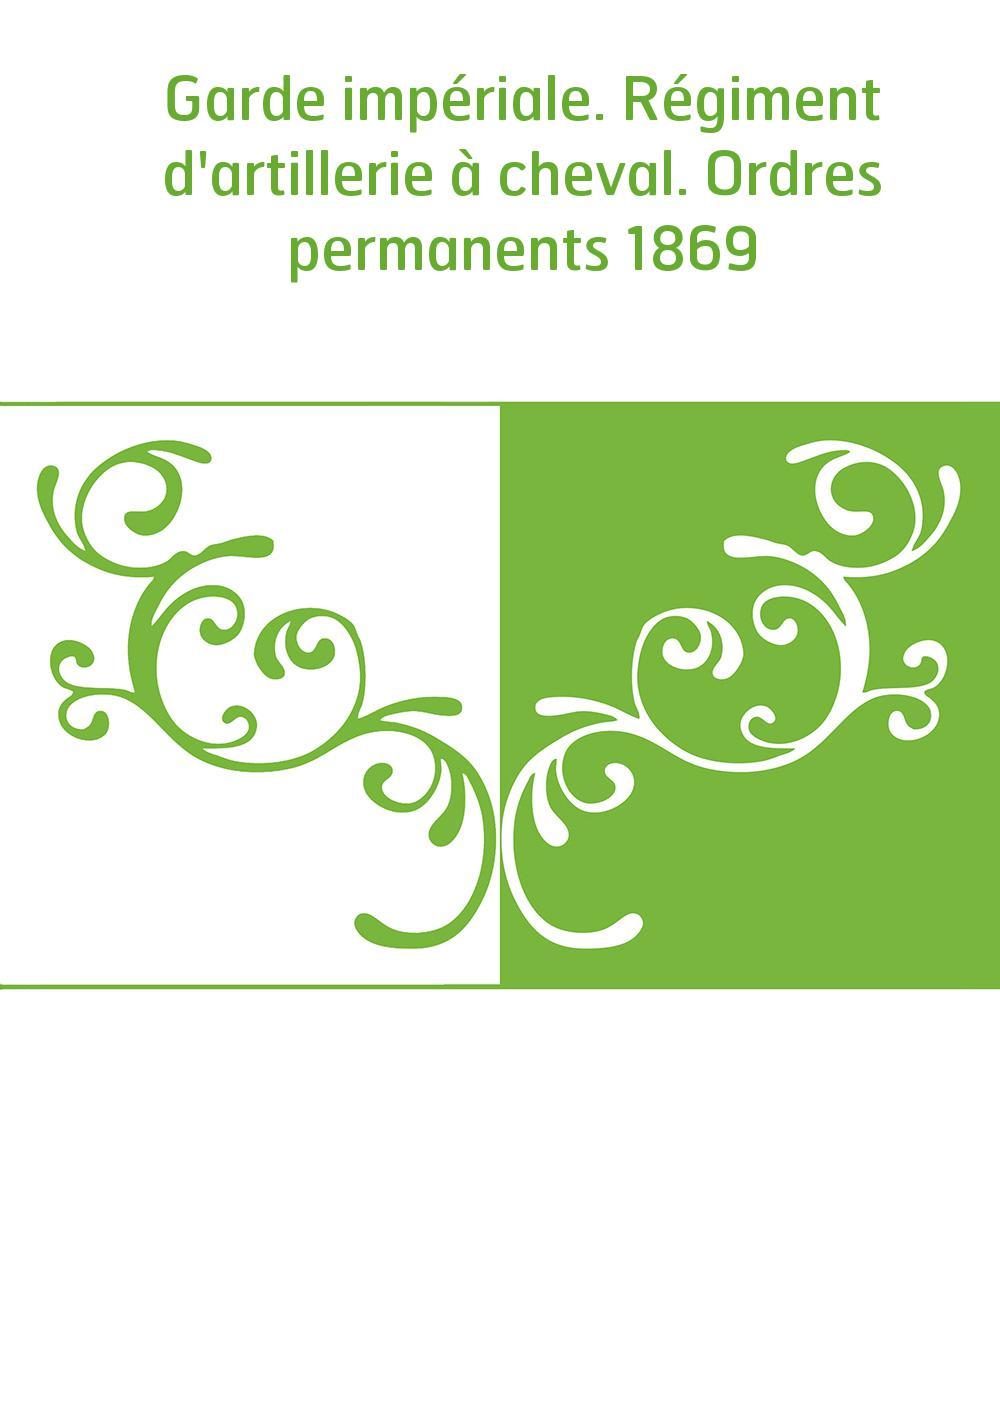 Garde impériale. Régiment d'artillerie à cheval. Ordres permanents 1869